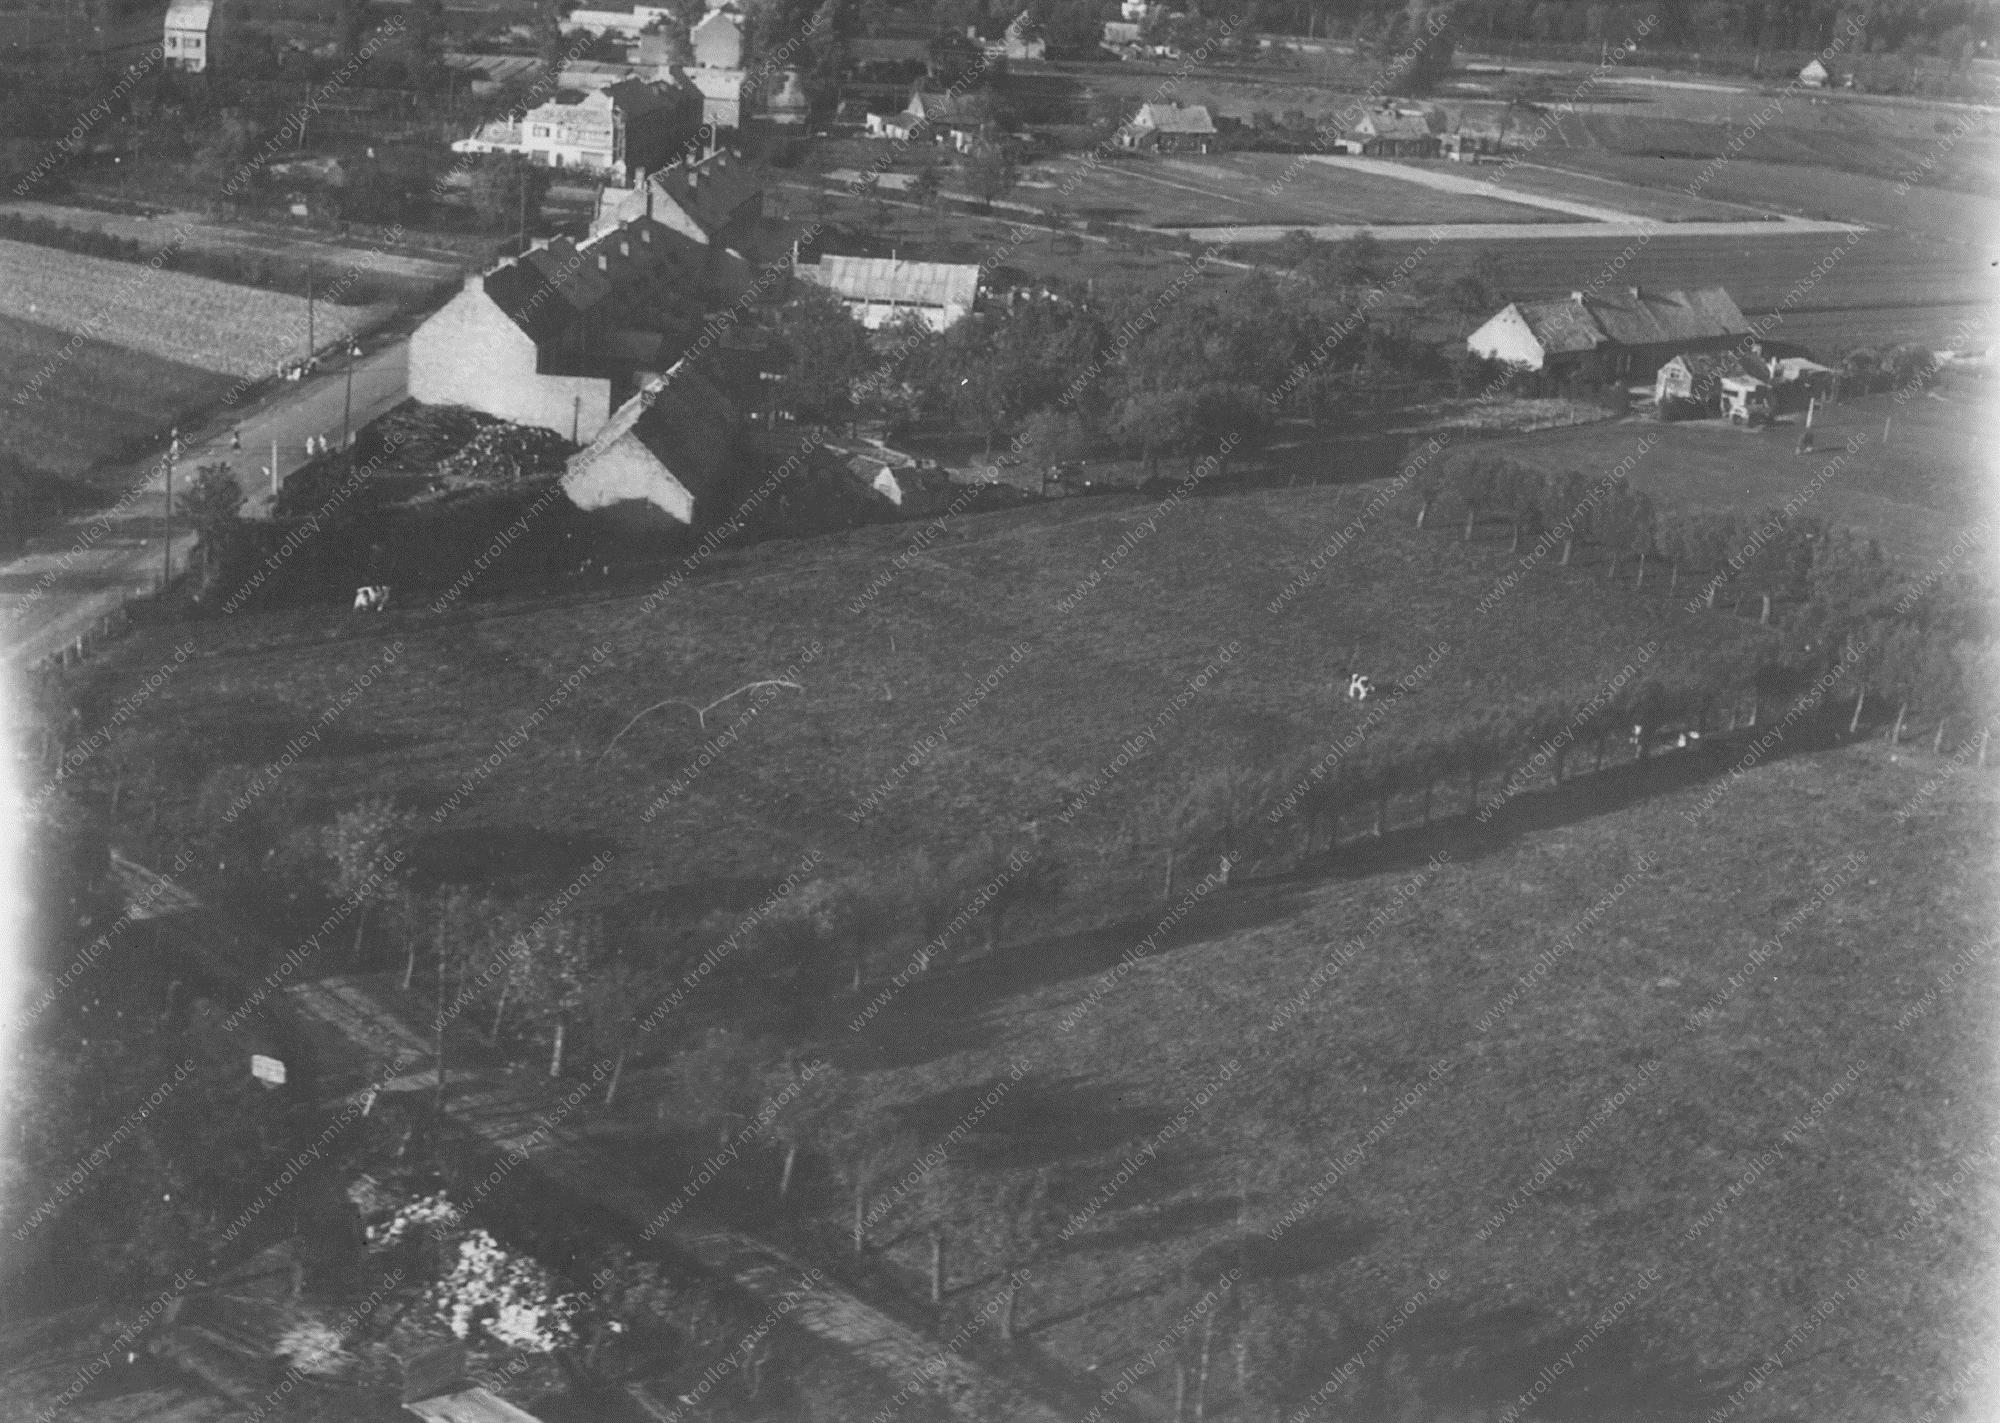 Unbekanntes Luftbild Kleines Dorf im Tiefflug